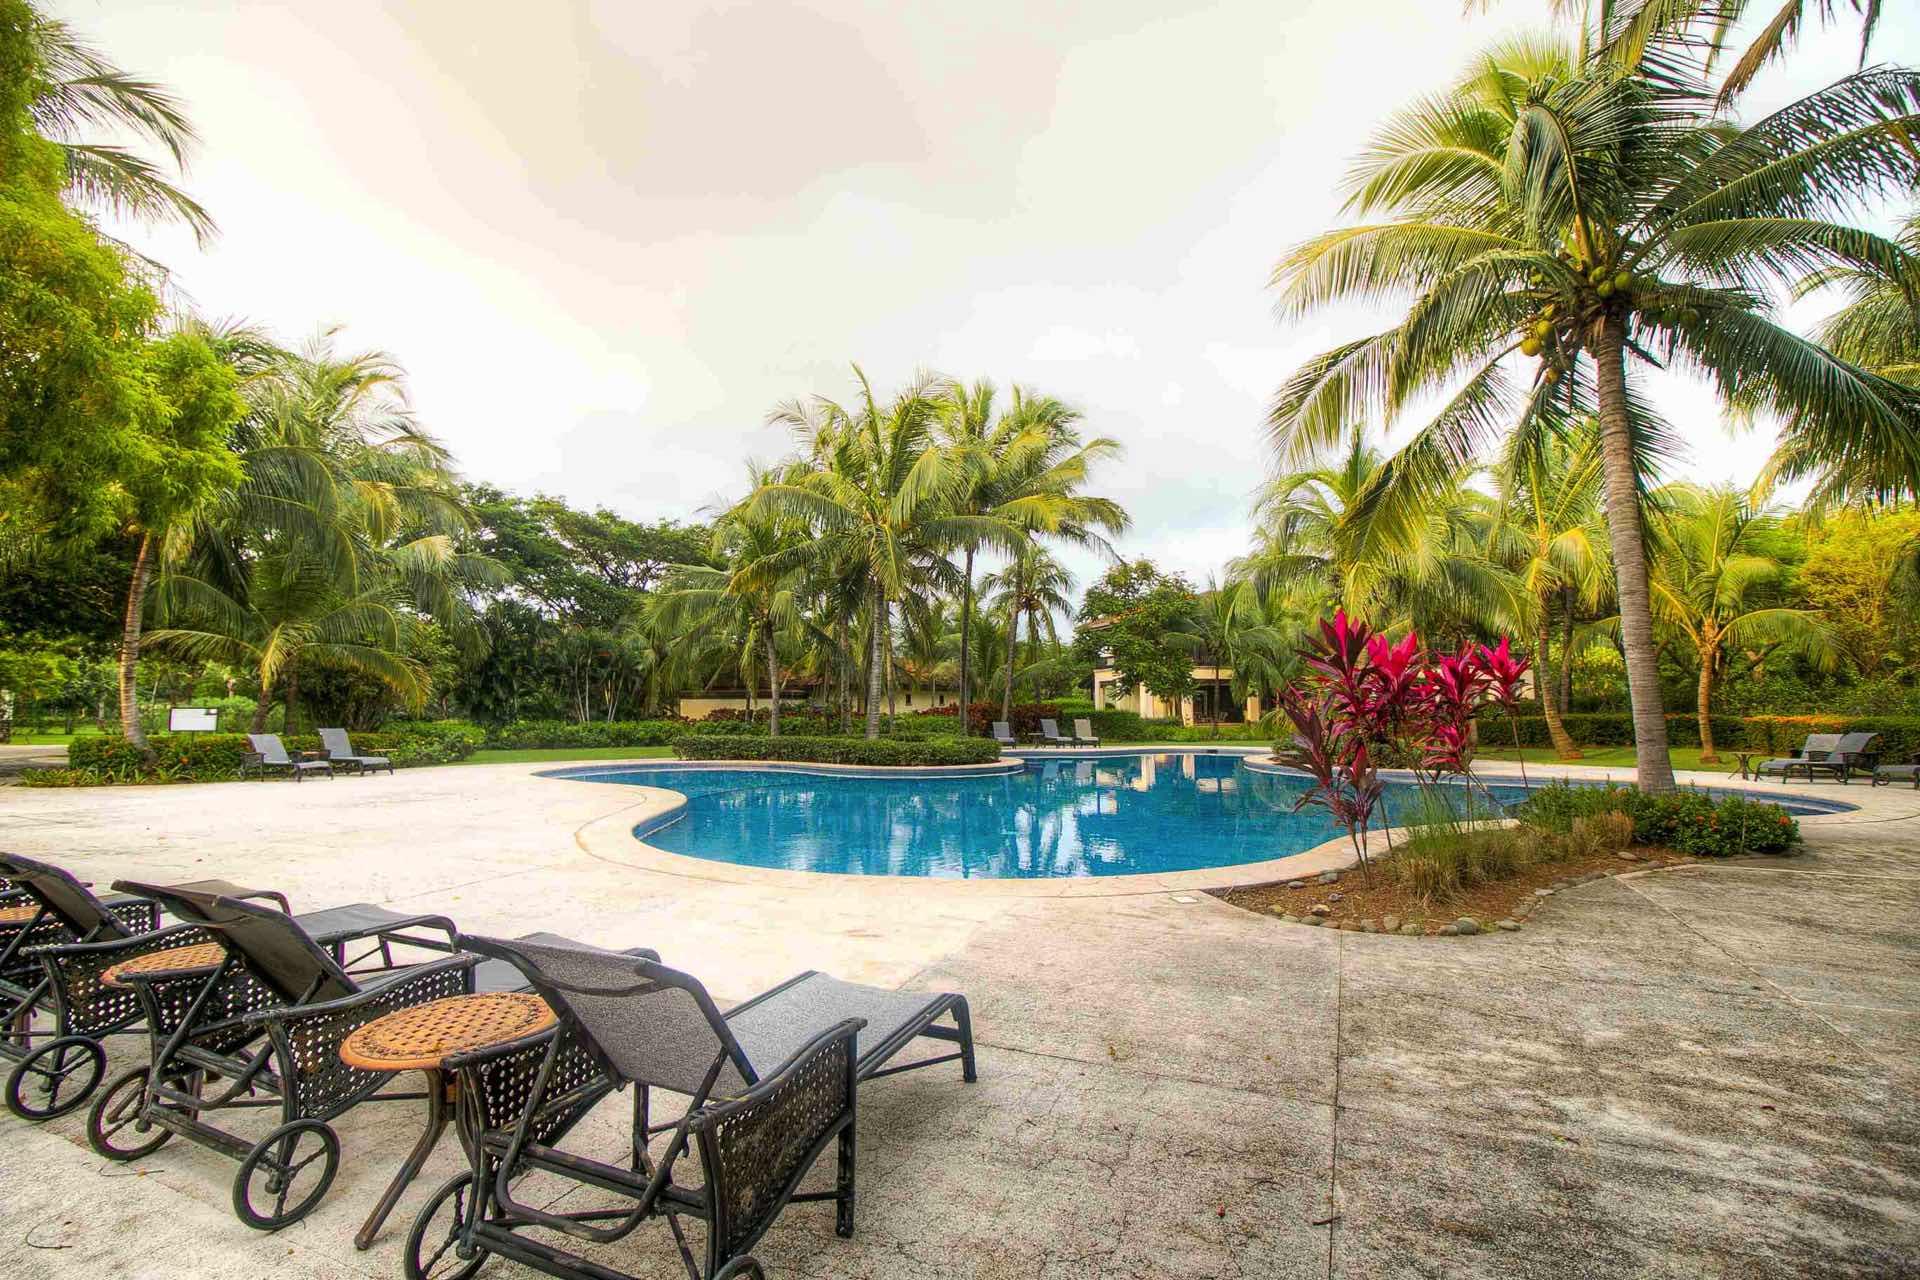 Resort pool shared by Villa Mansita